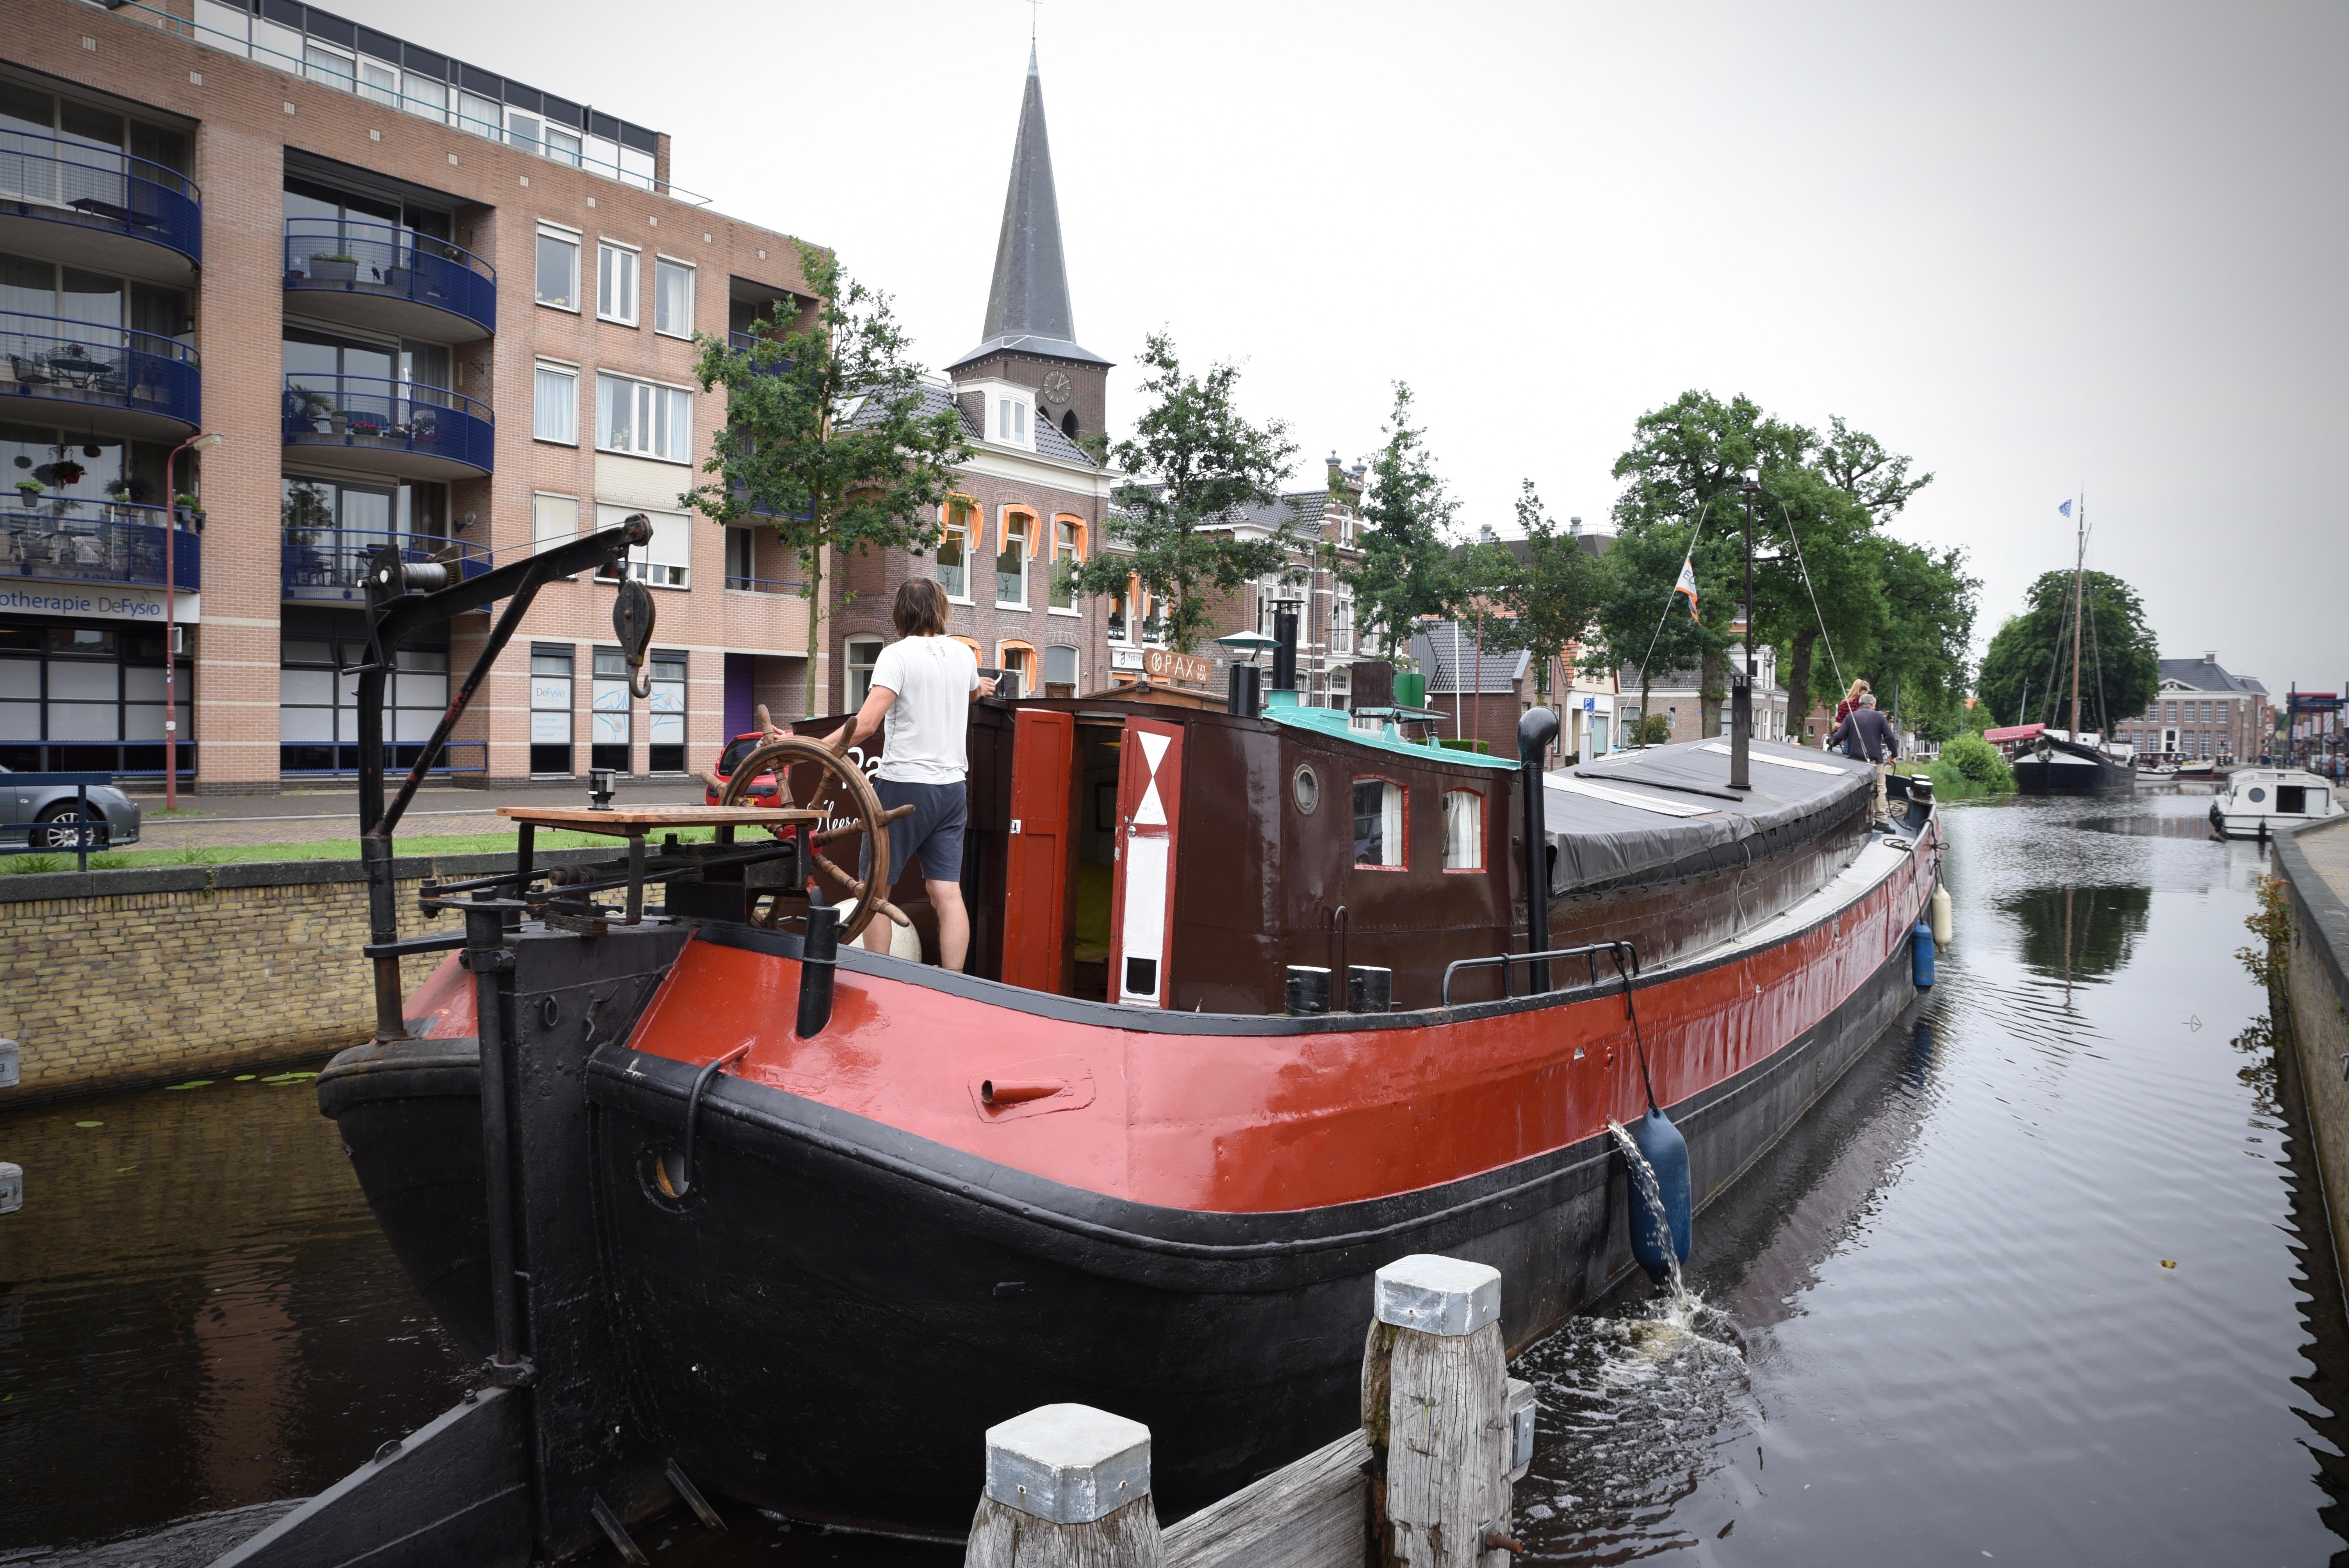 Groninger Tjalk woonschip